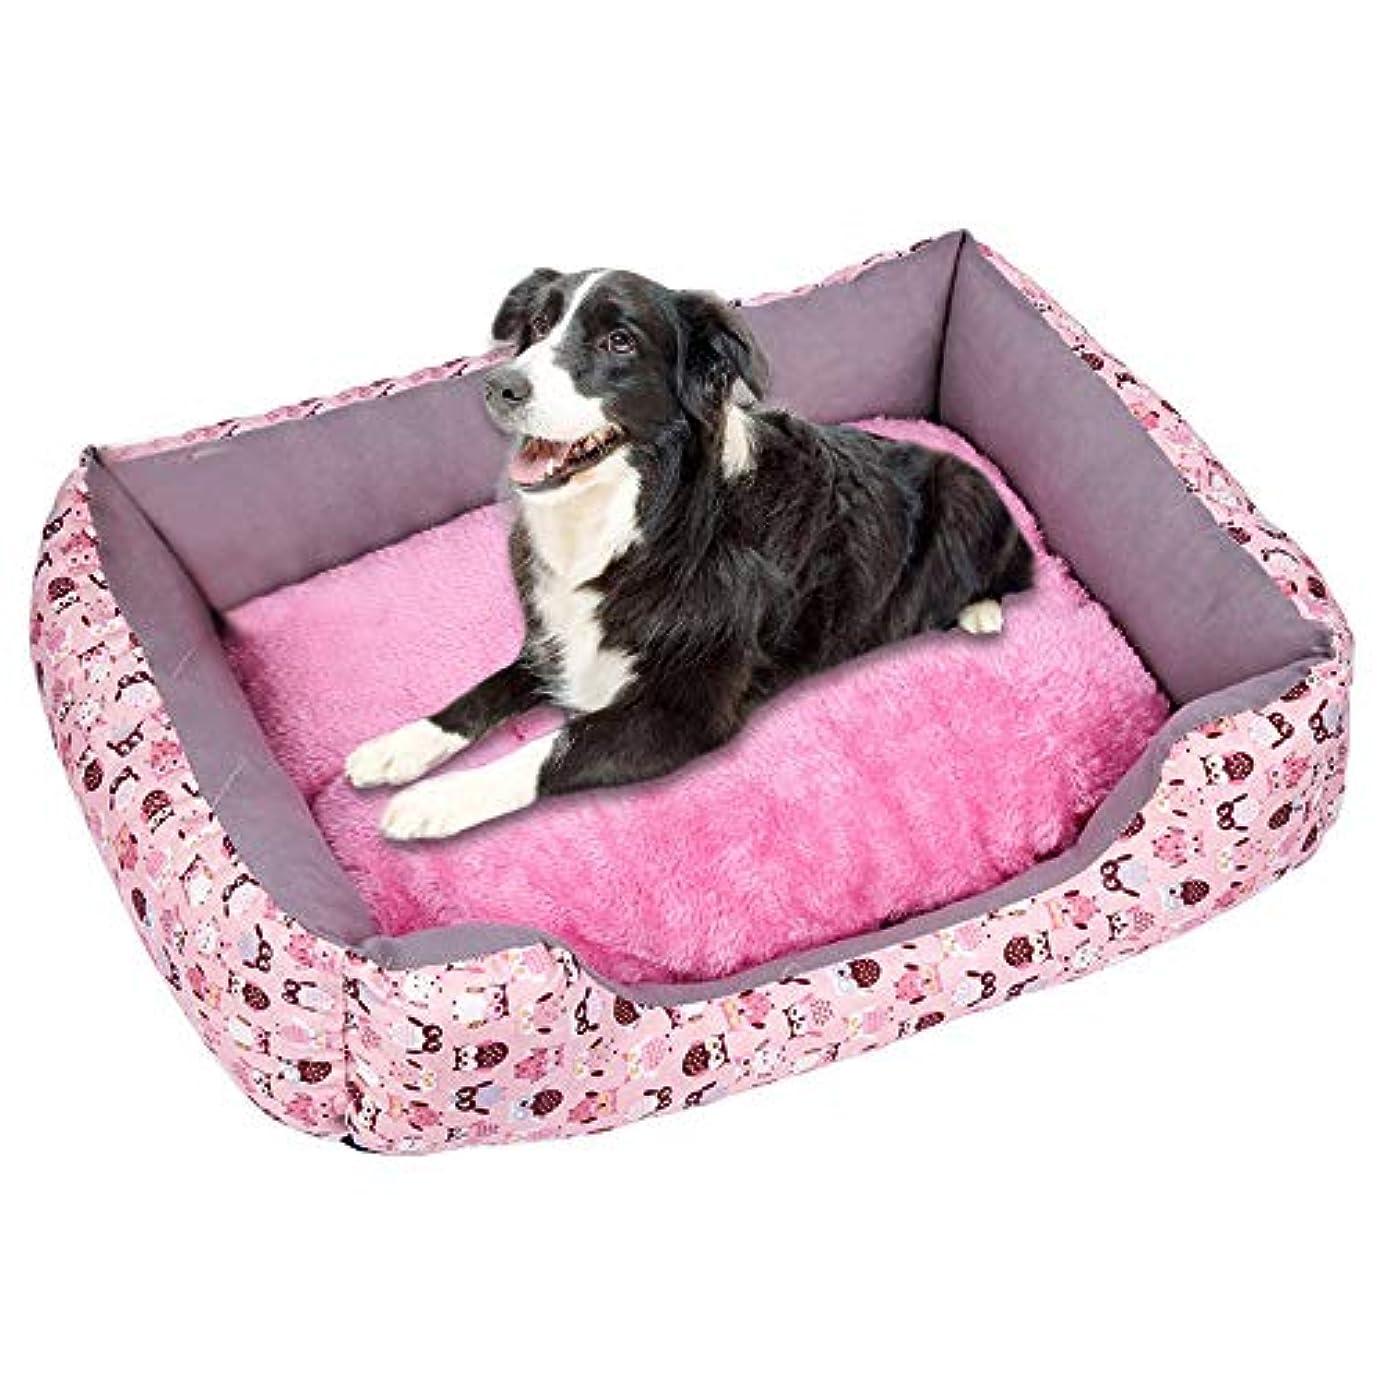 通路包帯サイトラインプラスベルベット肥厚ペットの巣 柔らかいペット犬猫ベッド子犬クッションハウスペットソフト暖かい犬小屋犬マットブランケット 犬小屋 ペットハウス ペットネスト 犬舎 柔らかくて温かく 快適で通気性があります (B, S)